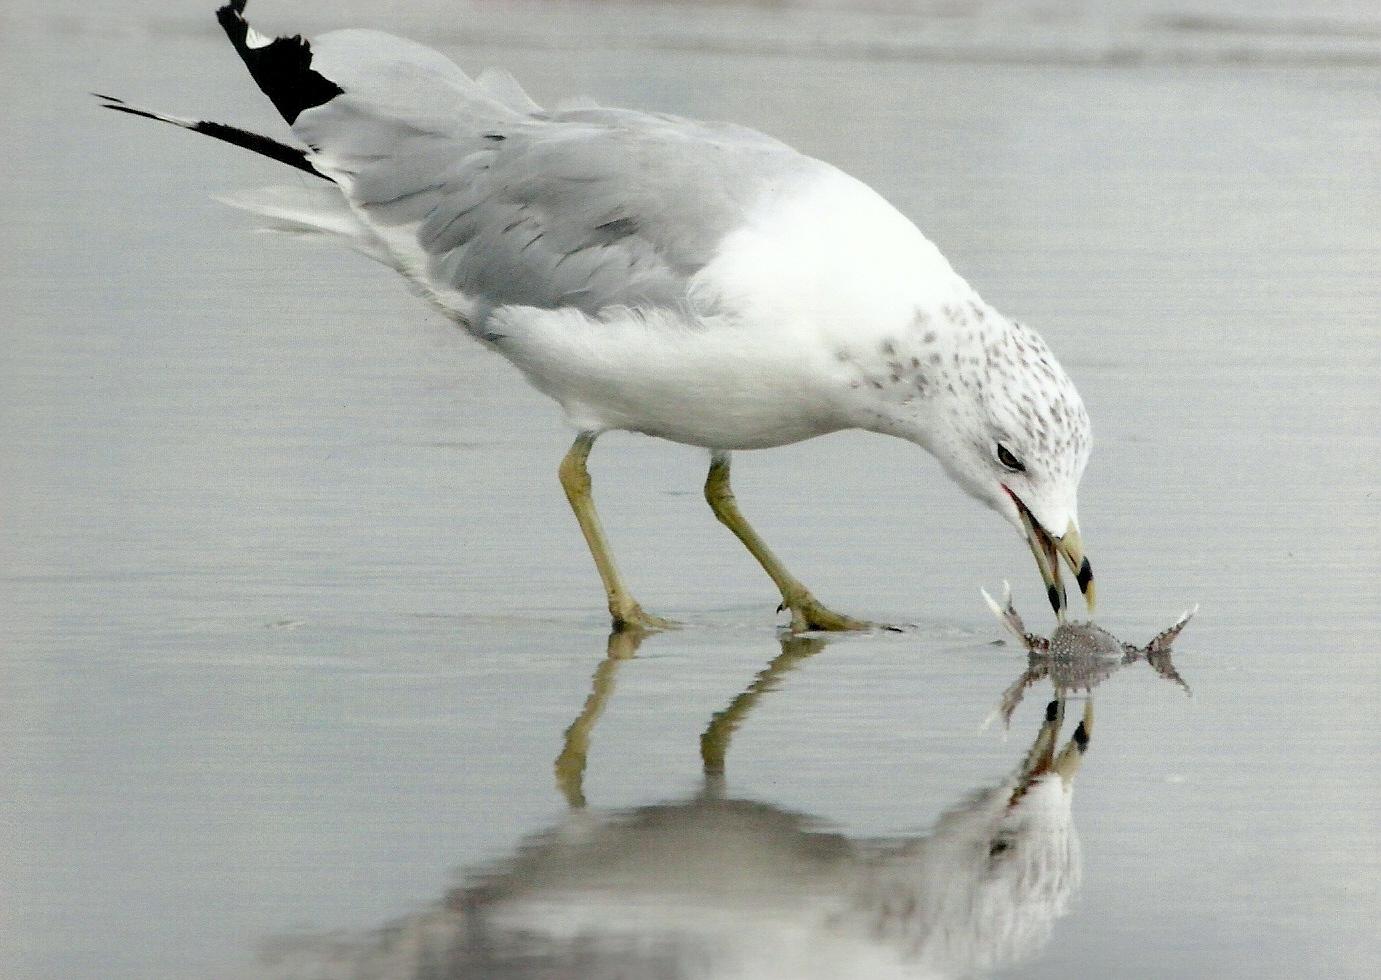 0e24127afcff63af844d_Adult_third_Thomas_Lynaugh_Kenilworth_Ring-billed_Gull_with_Crab.jpg